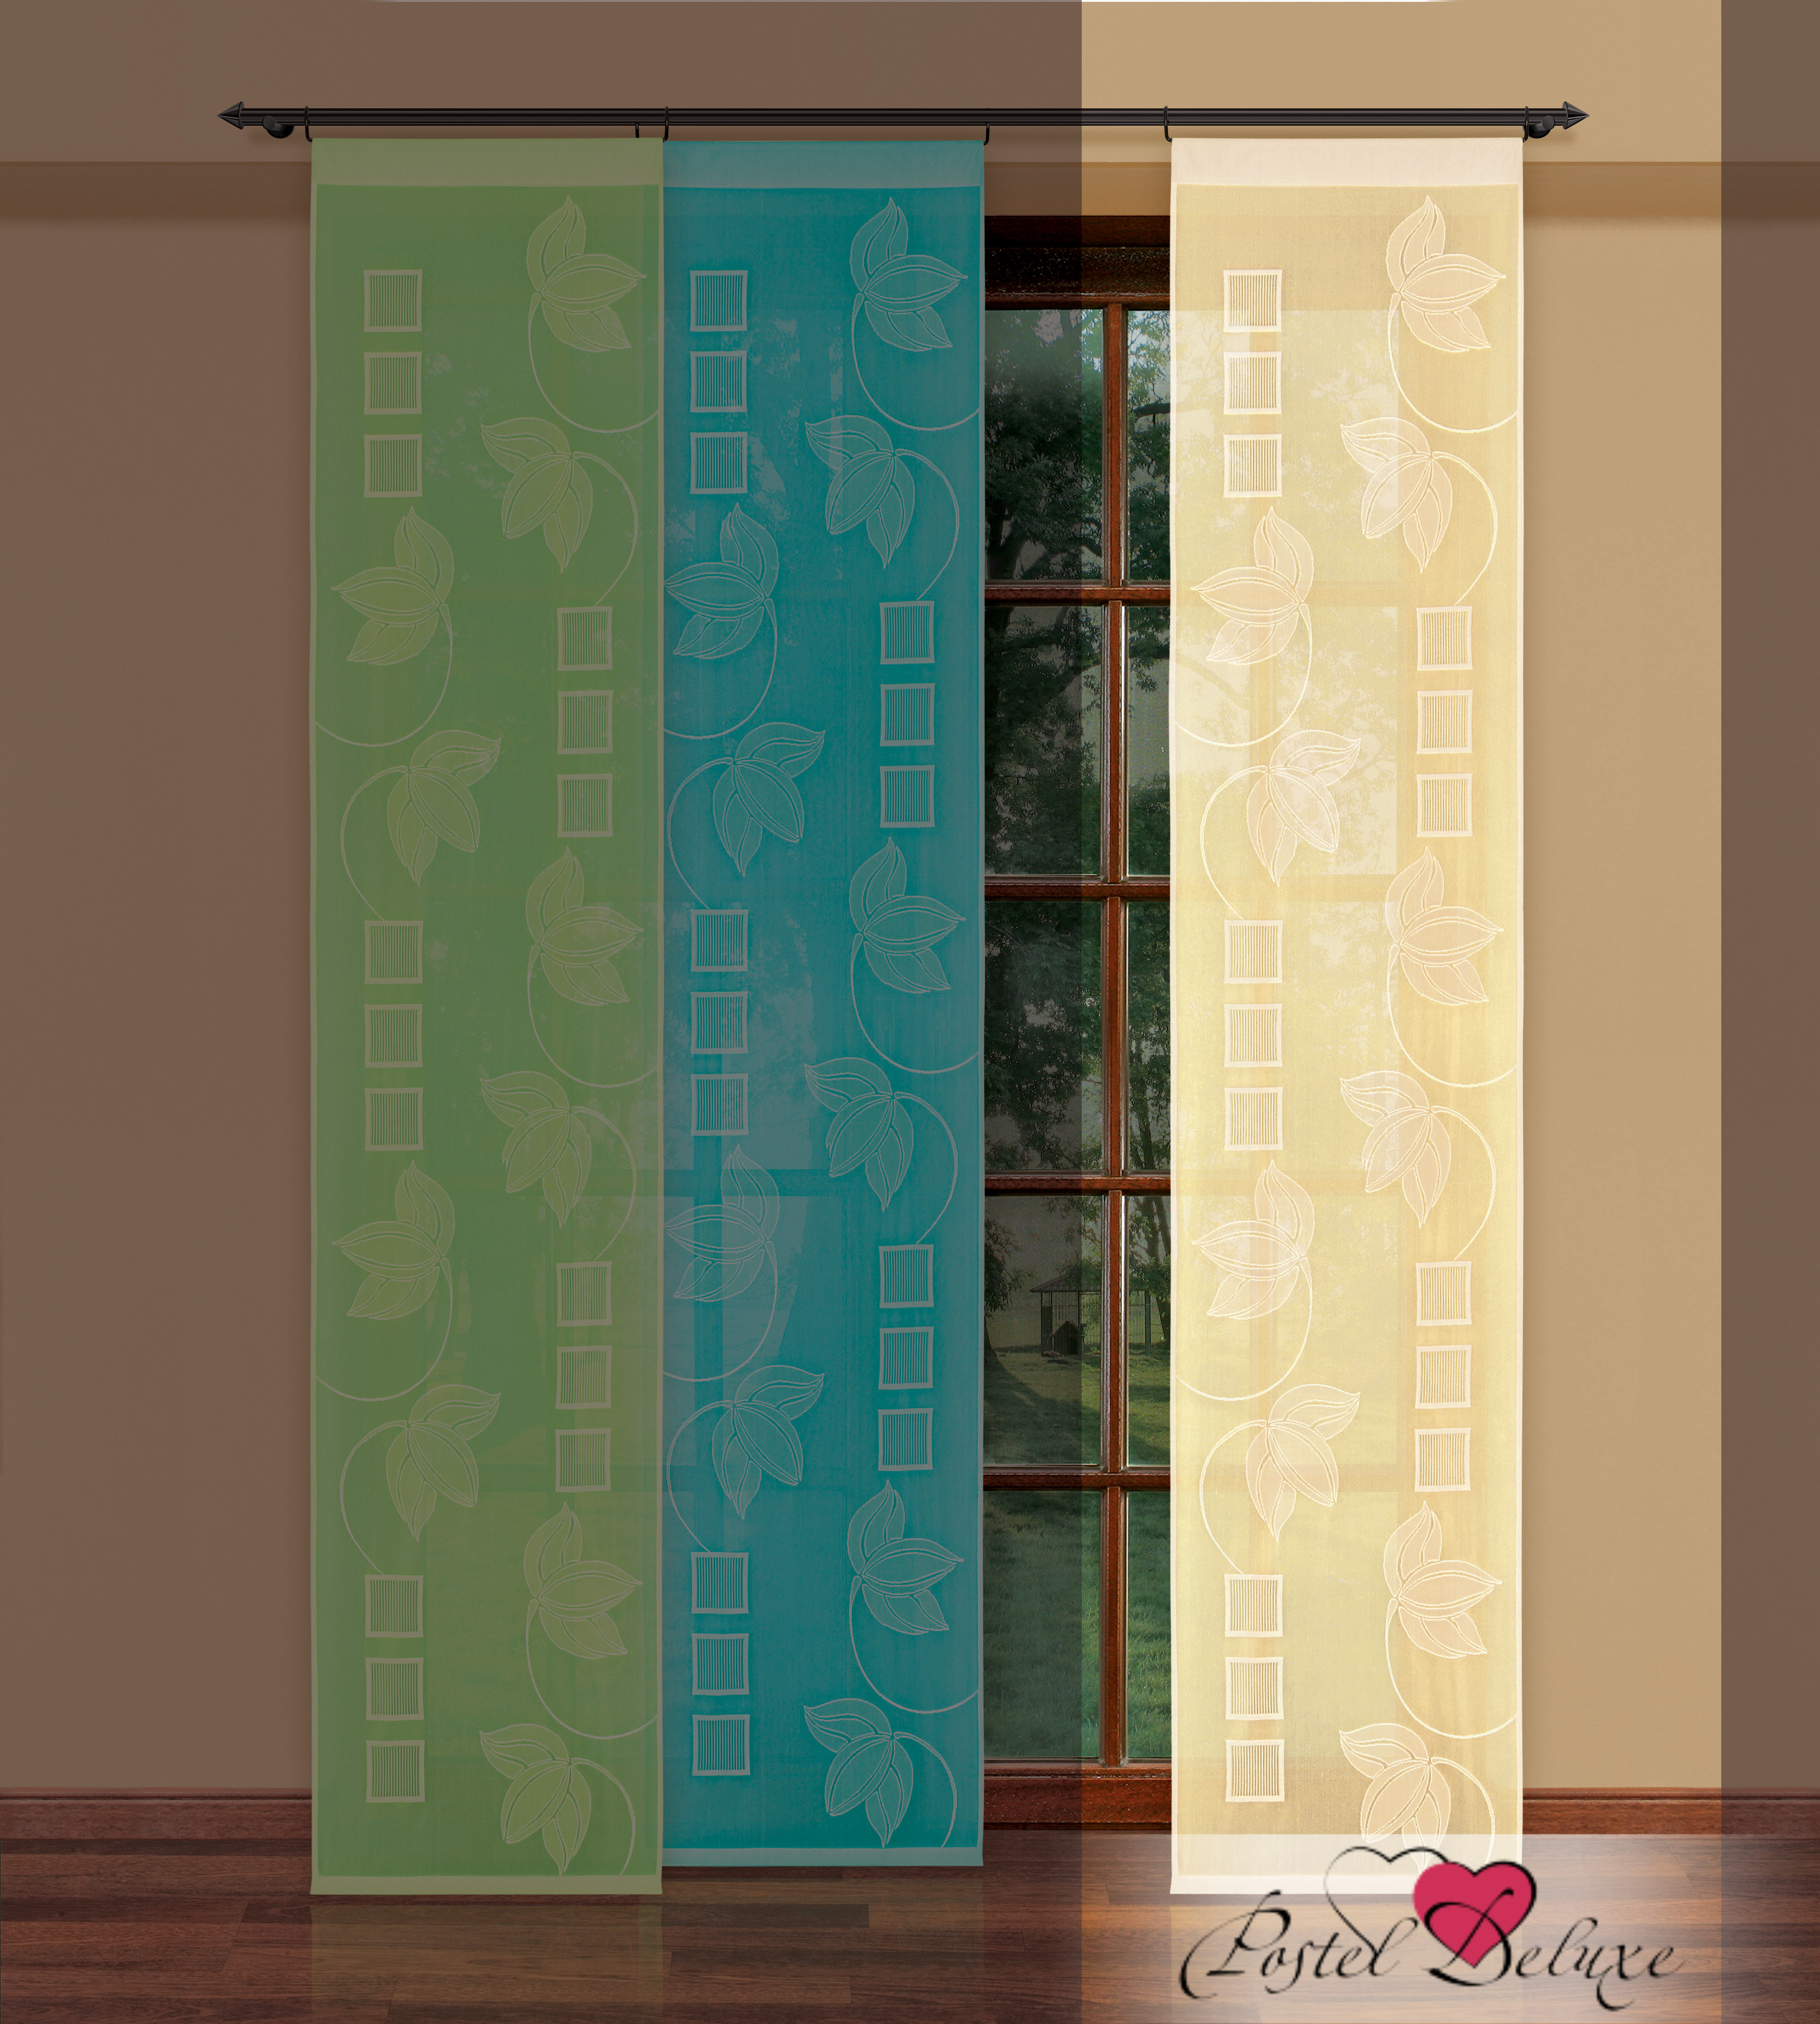 Шторы HaftШторы<br>ВНИМАНИЕ! Комплектация штор может отличаться от представленной на фотографии. Фактическая комплектация указана в описании изделия.<br><br>Производитель: Haft<br>Cтрана производства: Польша<br>Японские шторы<br>Материал гардины: Тюль<br>Размер гардины: 50х250 см (1 шт.)<br>Вид крепления: Лента<br>Рекомендуемая ширина карниза (см): 50-200<br><br>Максимальный размер карниза, указанный в описании, предполагает, что Вы будете использовать 4 полотна на одно окно. Обратите внимание на информацию о том, сколько полотен входит в данный комплект изначально. Зачастую шторы продаются по одному полотну, чтобы дать возможность подобрать изделия в желаемом цвете и стиле, создавая свое неповторимое сочетание.<br><br>Тип: шторы<br>Размерность комплекта: Японские шторы<br>Материал: Тюль<br>Размер наволочки: None<br>Подарочная упаковка: Японские шторы<br>Для детей: Японские шторы<br>Ткань: Тюль<br>Цвет: Кремовый